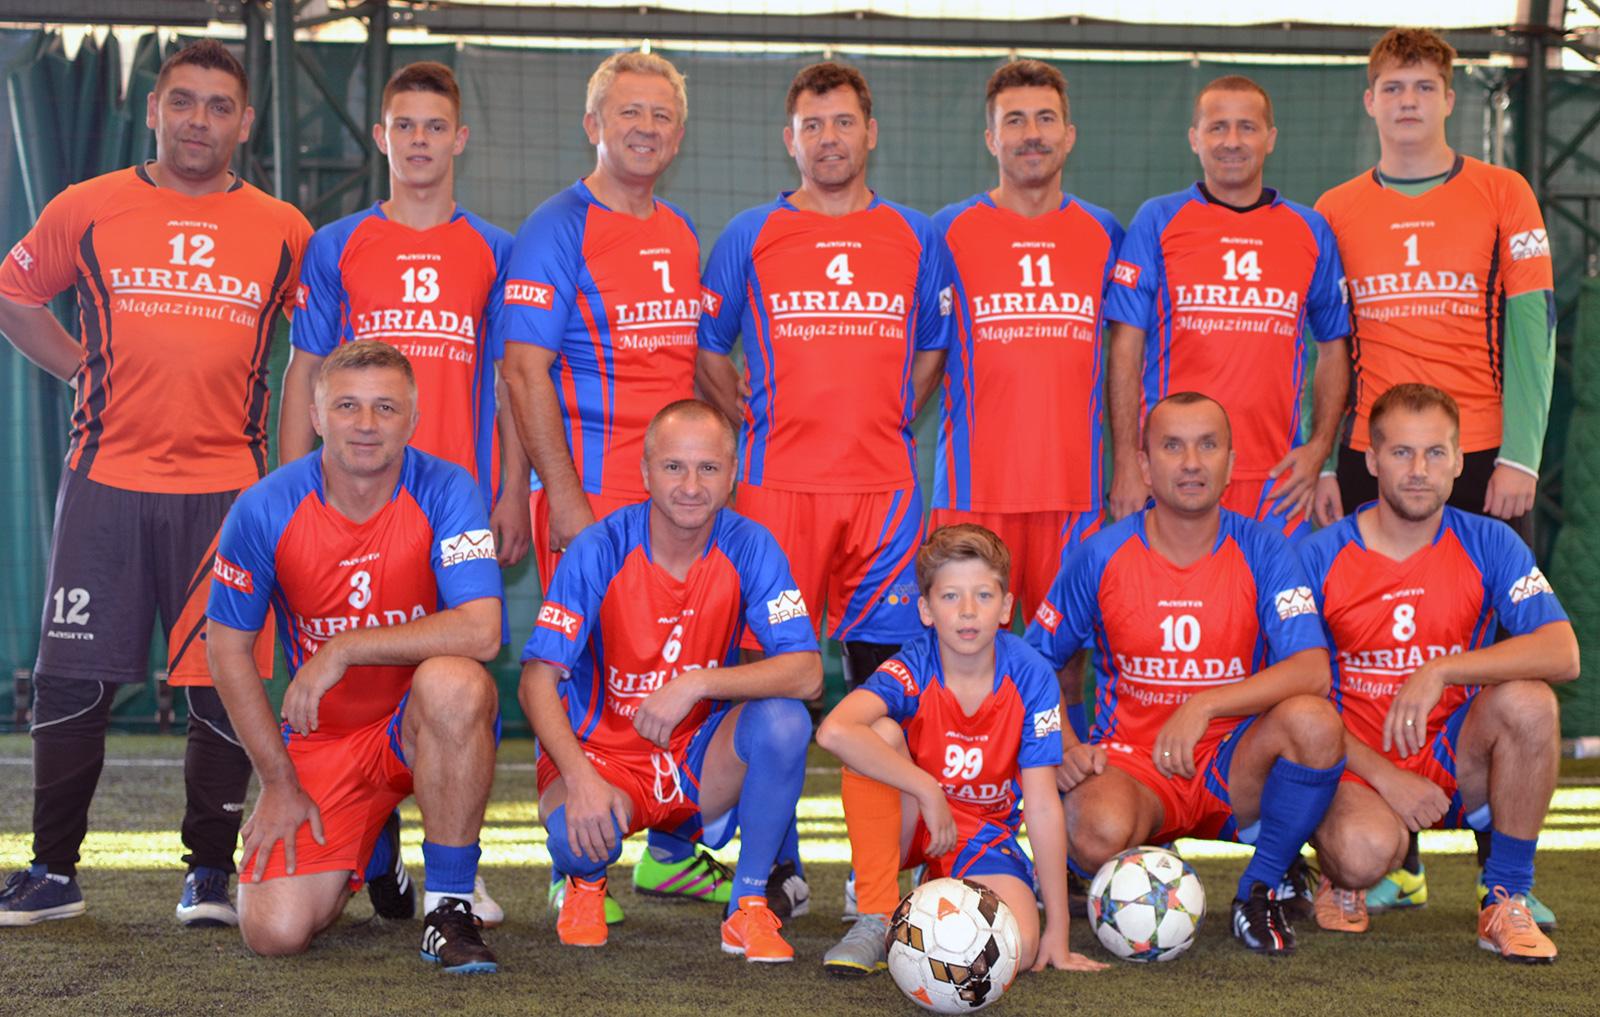 echipa minifotbal liriada